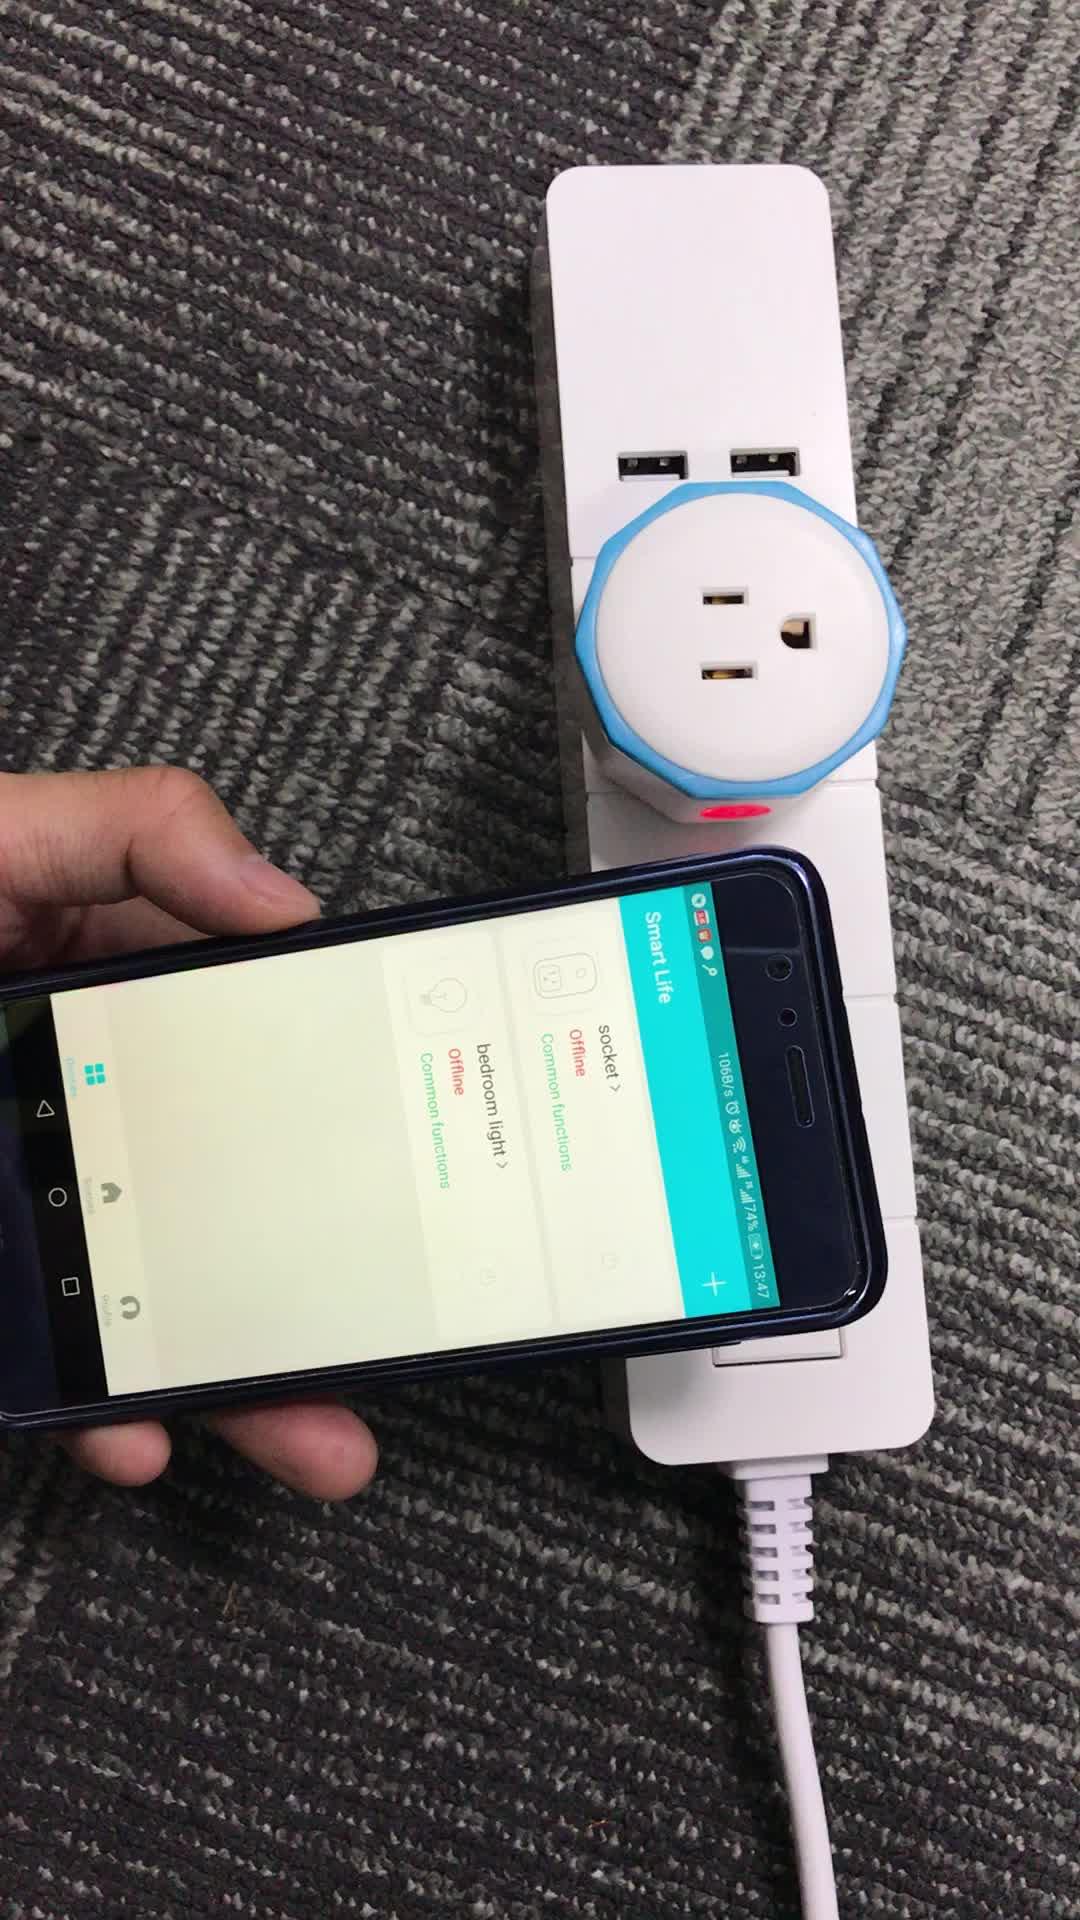 Wifi Smart Phone Remote Control Switch Socket Works With Alexa/echo Us Plug  - Buy Wifi Smart Phone Remote,Switch Socket Works With Alexa,Timer Switch